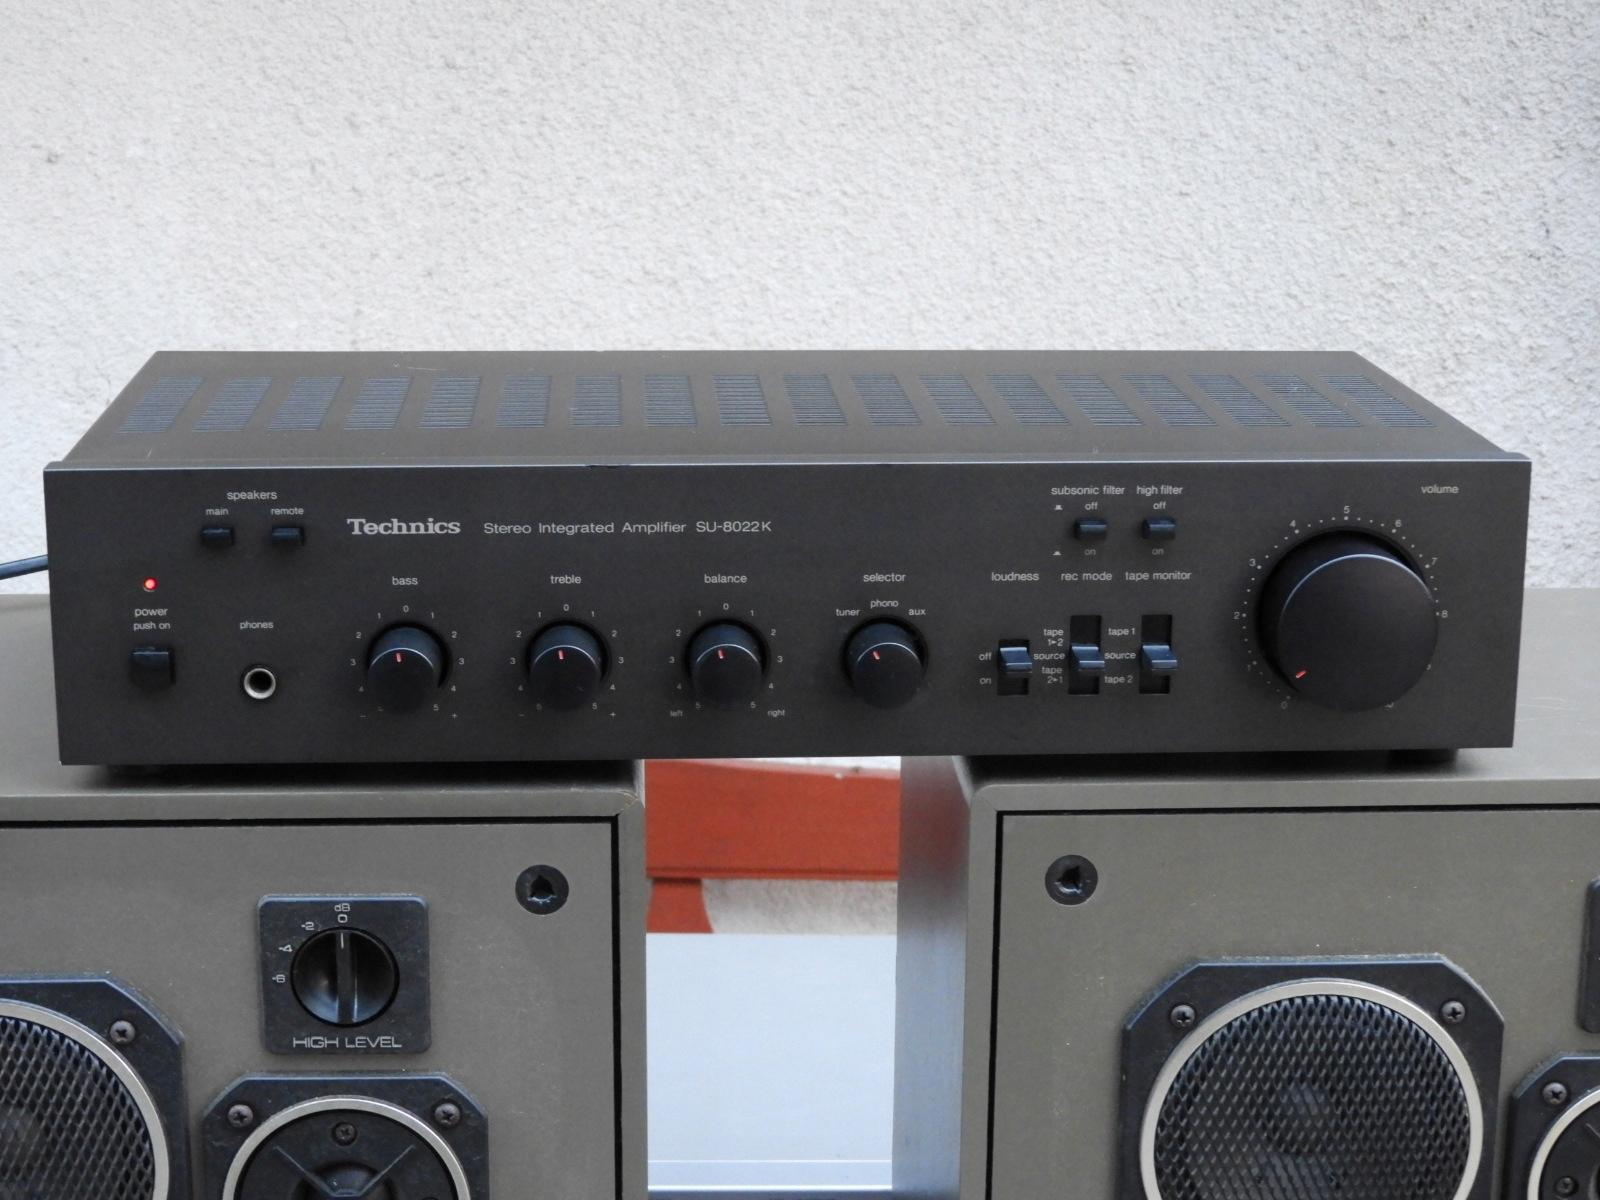 Wzmacniacz Technics SU-8022K 400 watt